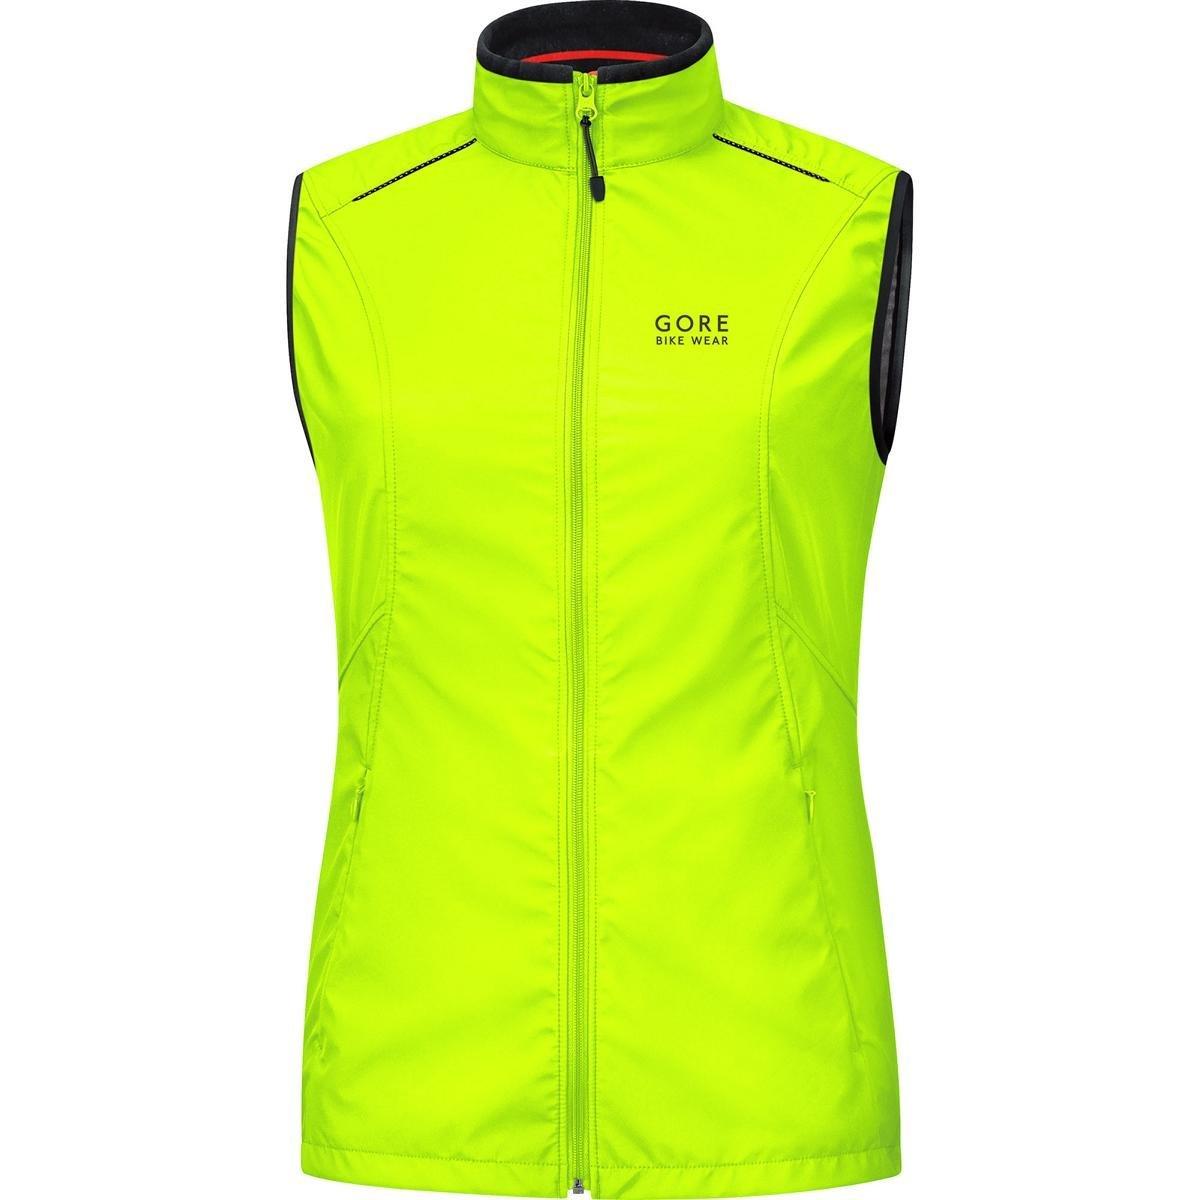 GORE BIKE WEAR Women's Cycling Vest, Super-Light, GORE WINDSTOPPER, LADY WS AS Vest, Size XXL, Jazzy Pink, VWELEL VWELEL080004